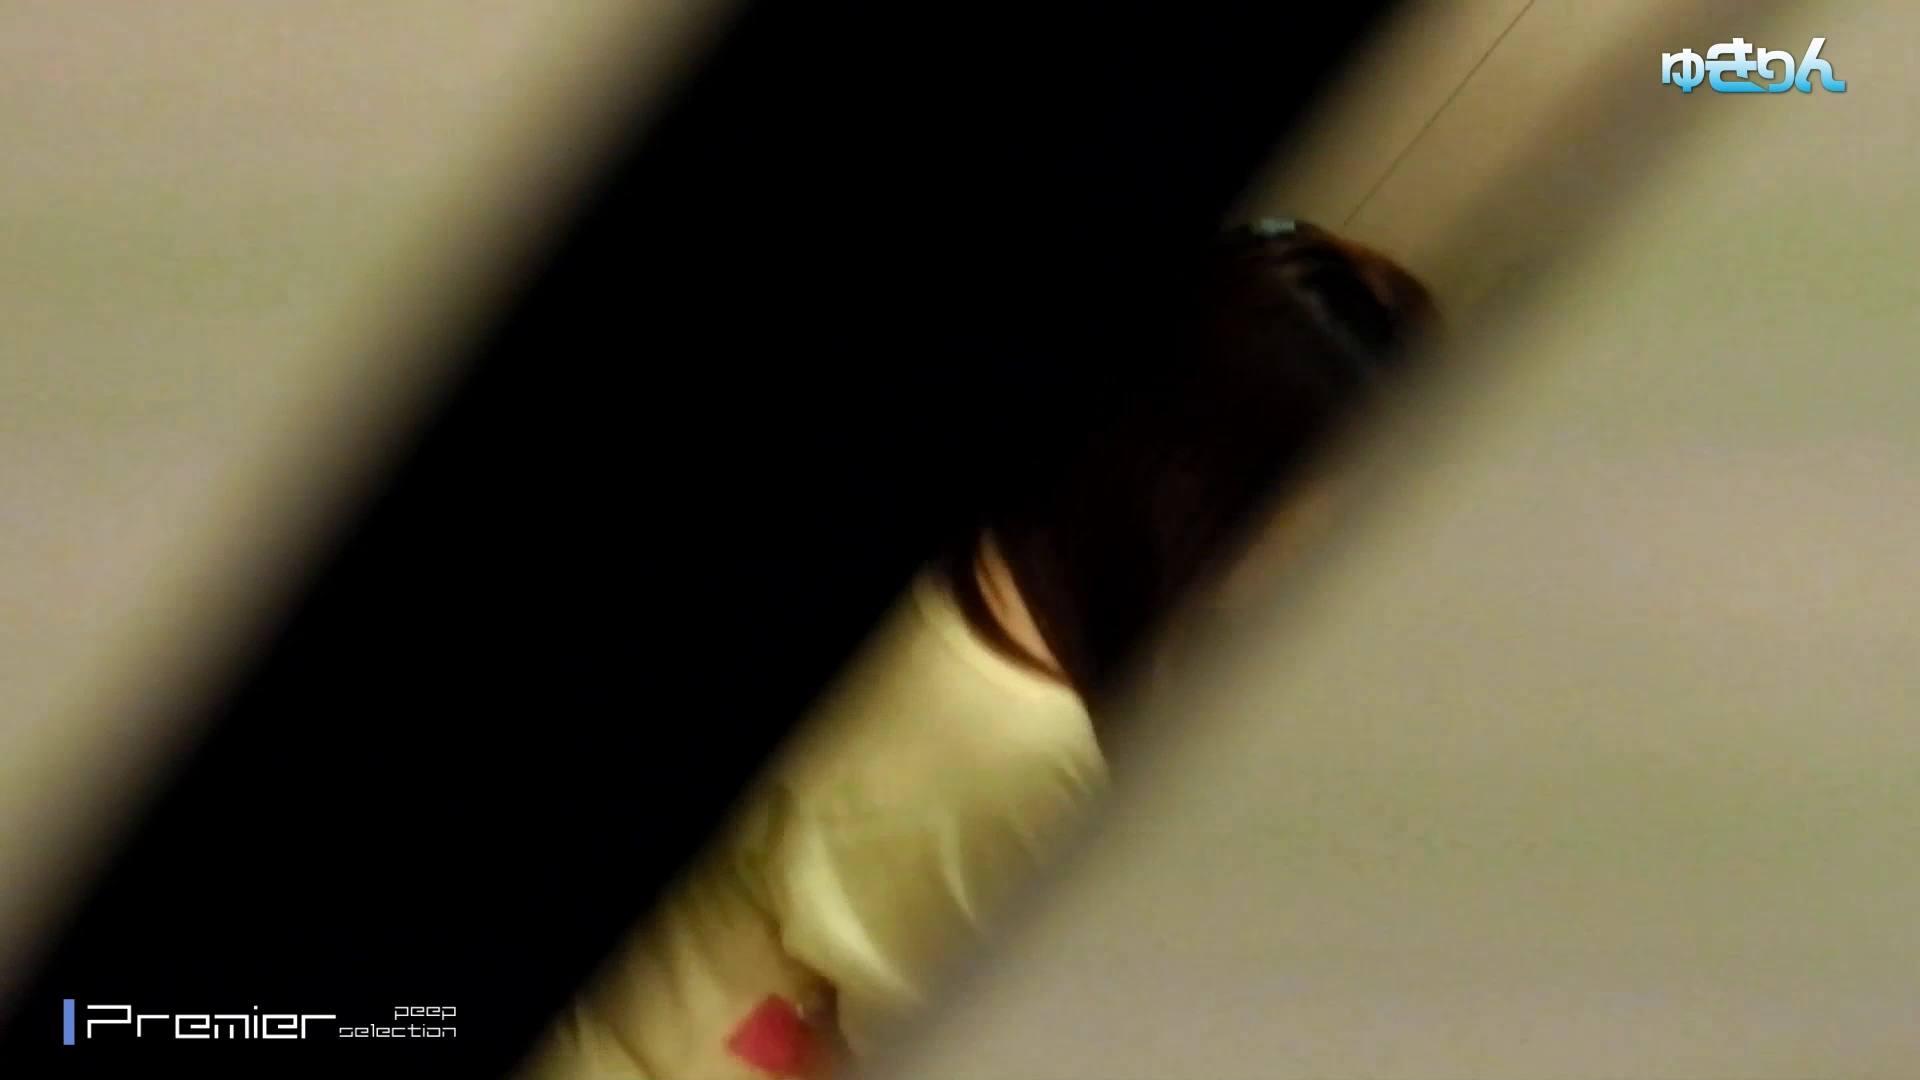 新世界の射窓 No89 あの有名のショーに出ているモデルが偶然に利用するという 洗面所  113画像 6